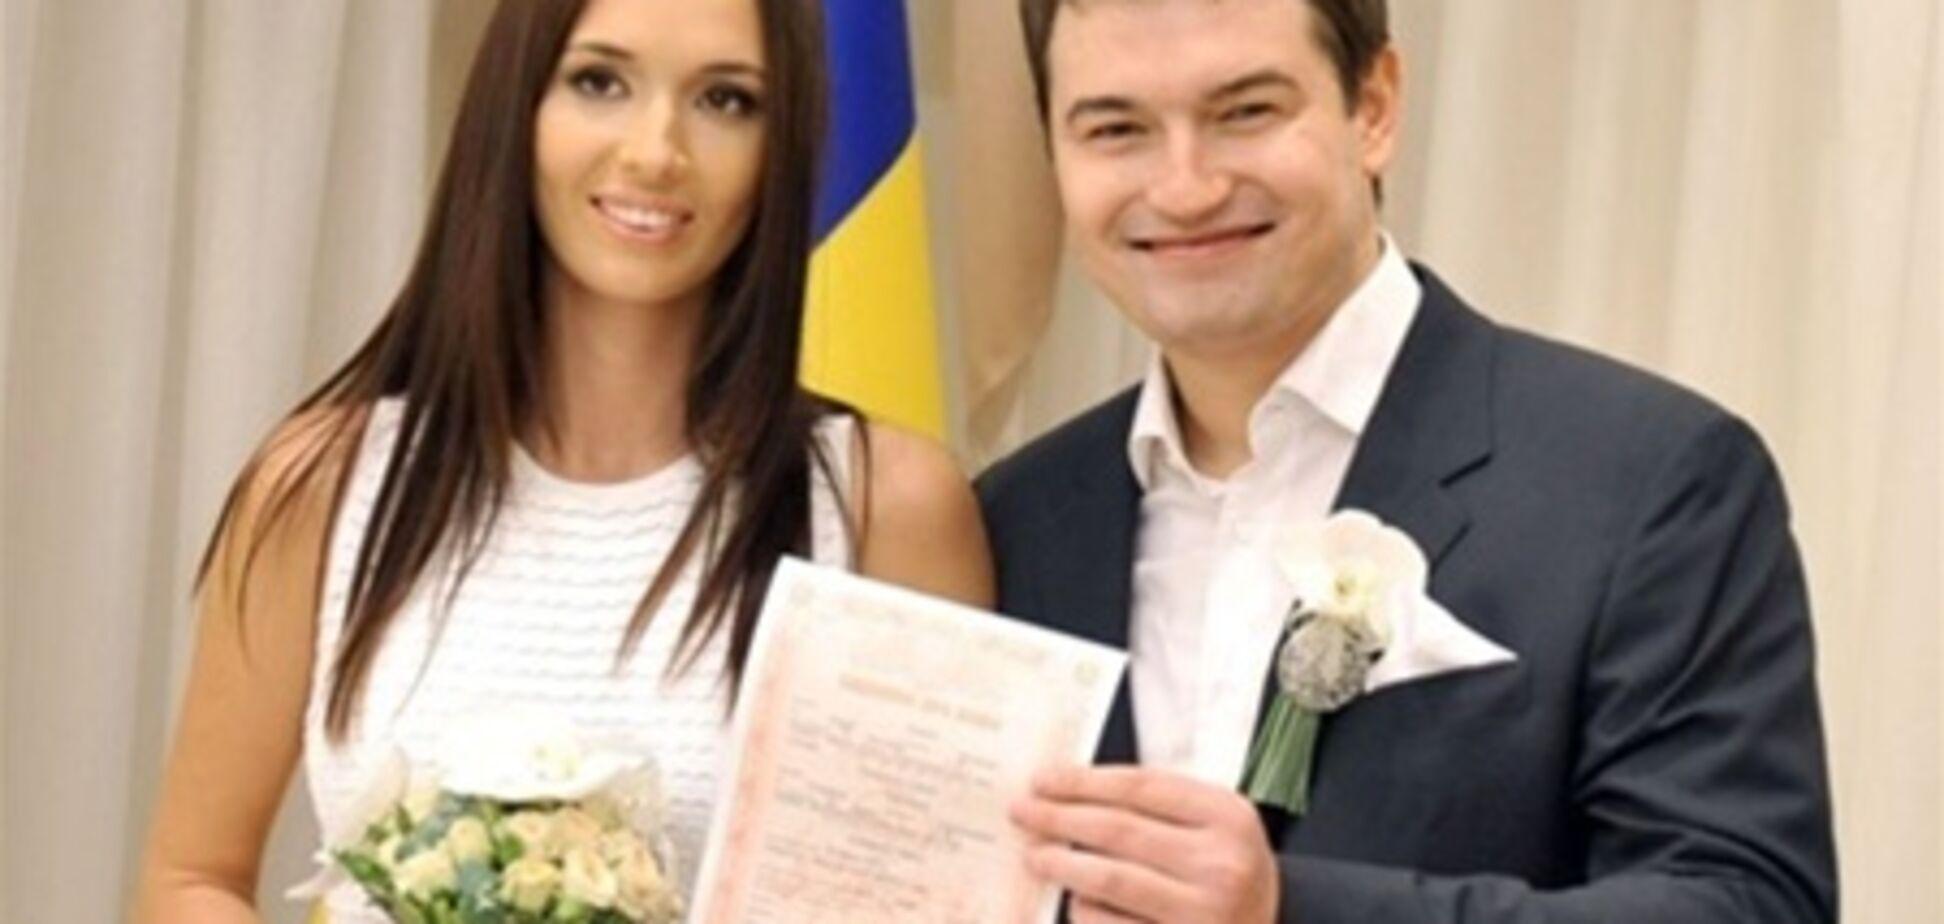 Ющенко розлучився з дружиною через характеру